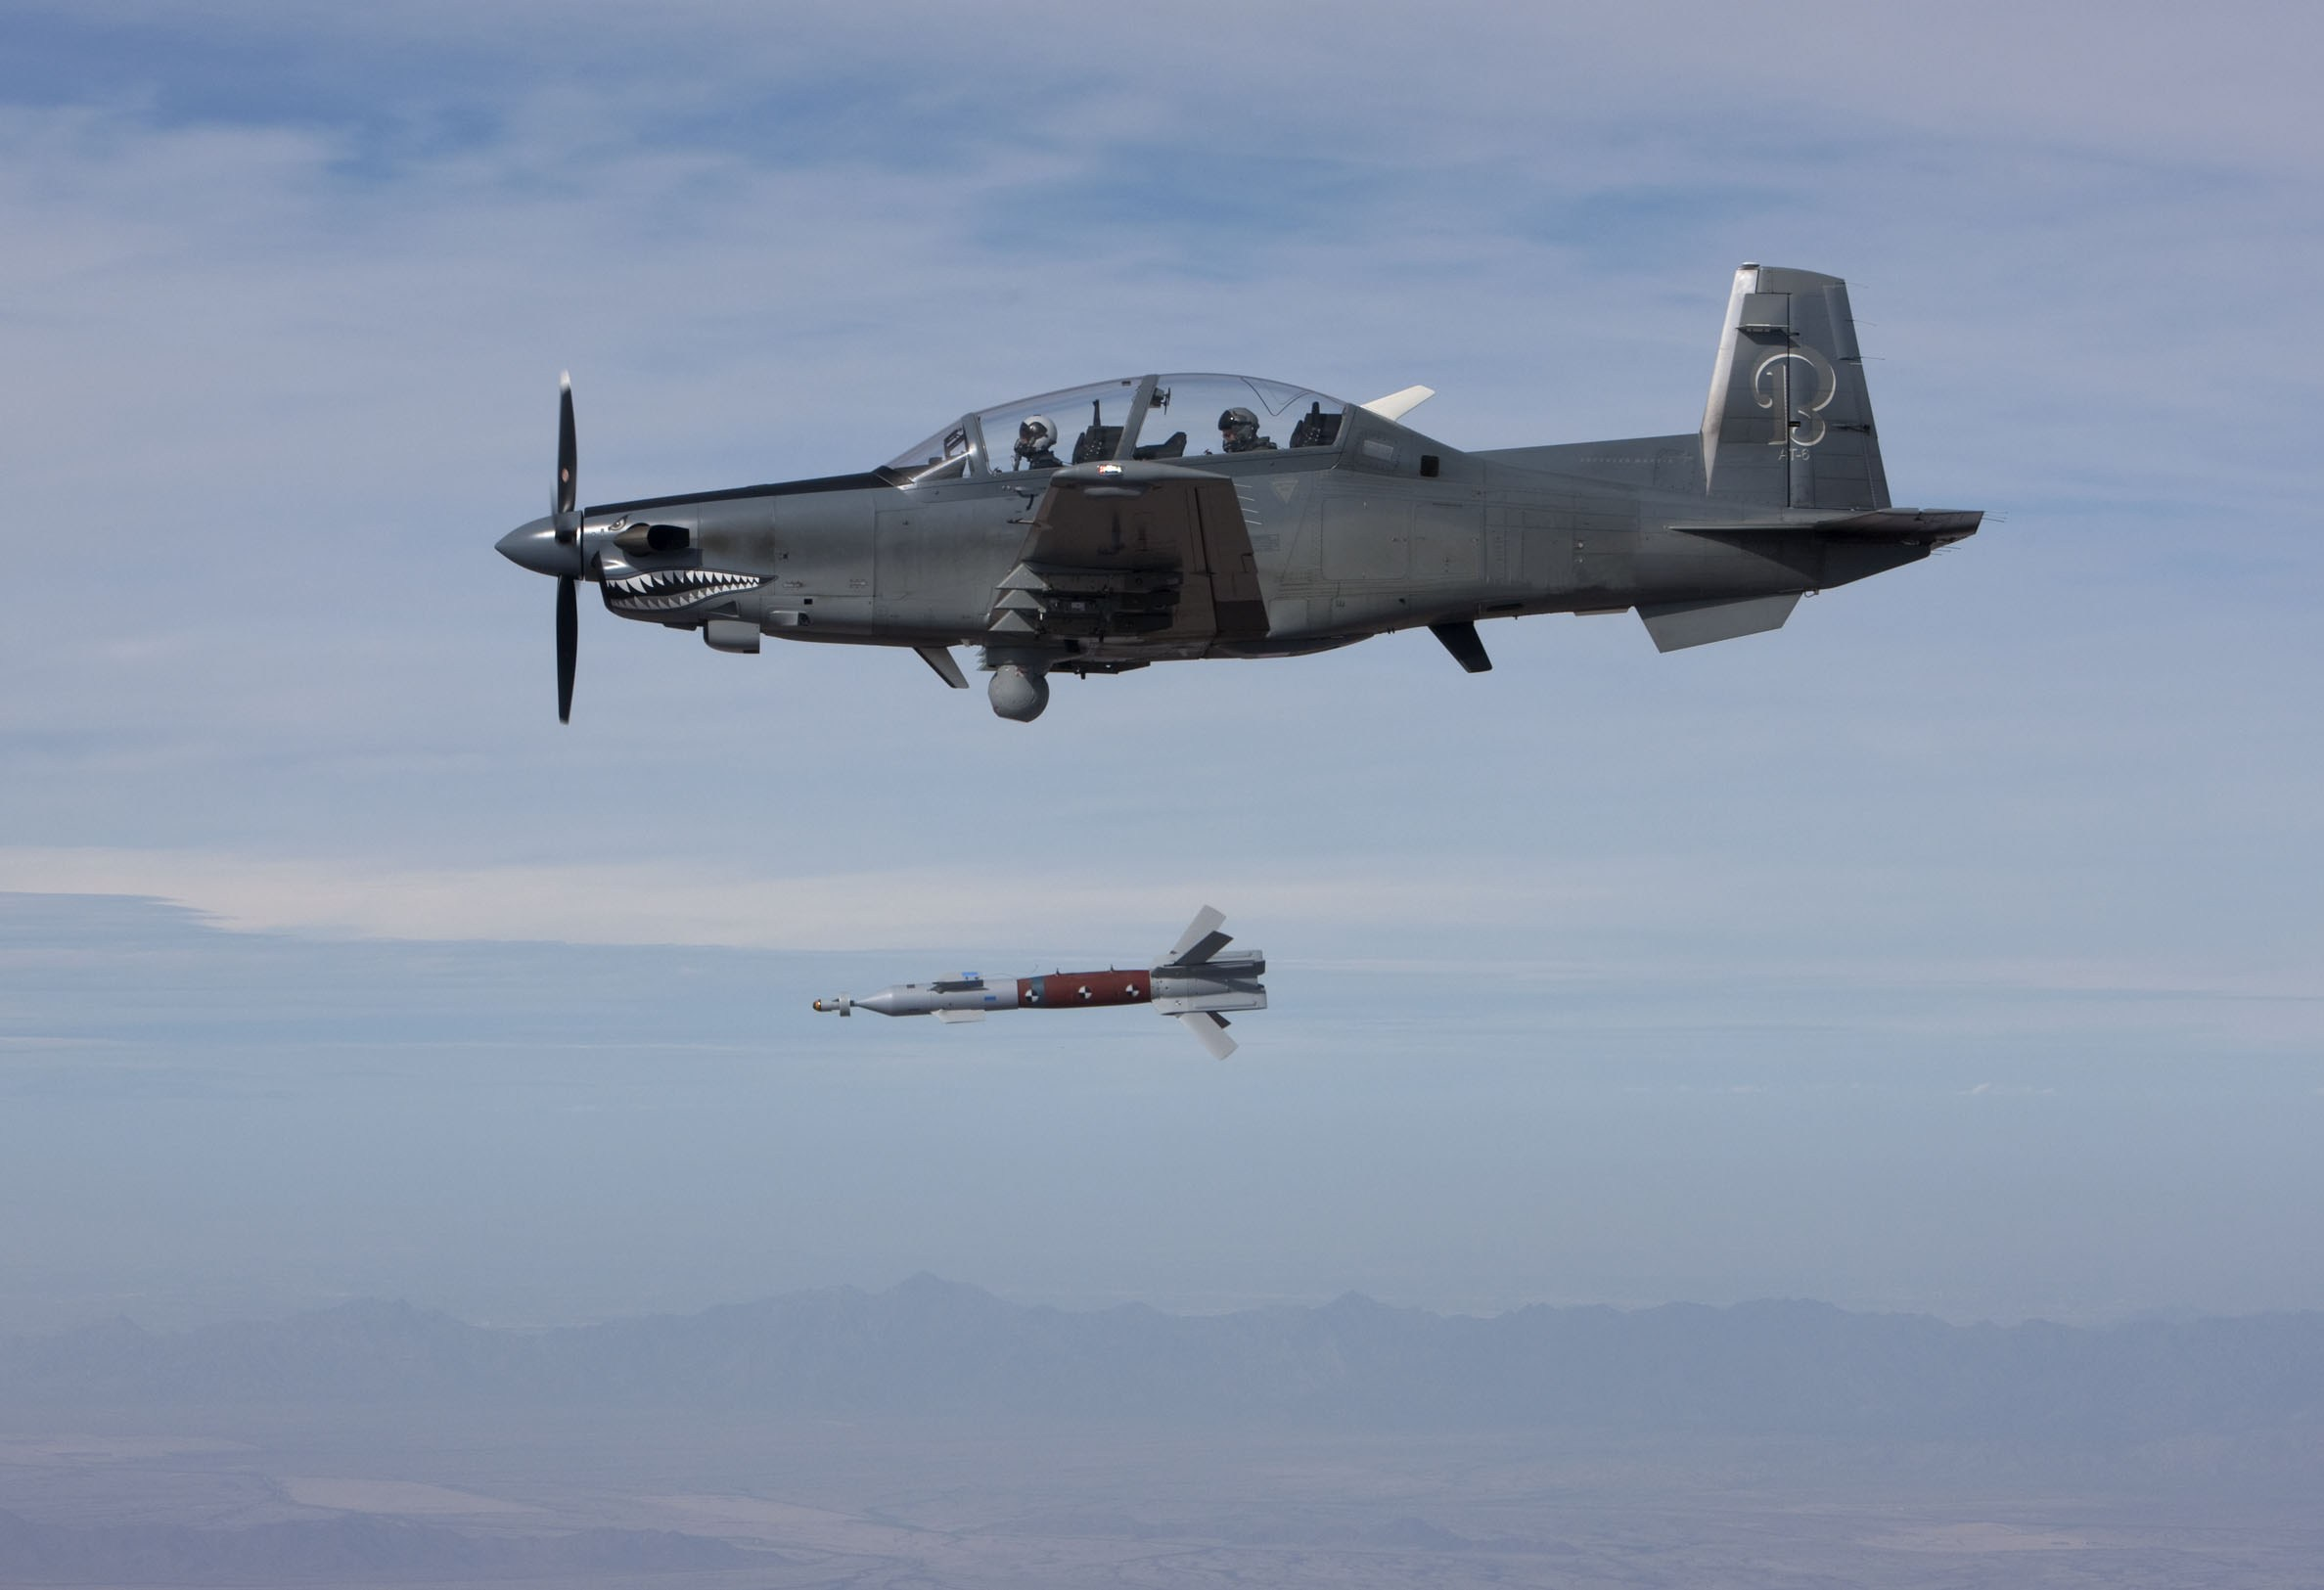 Пуск управляемой авиационной бомбы GBU-58 Paveway II с самолета AT-6.